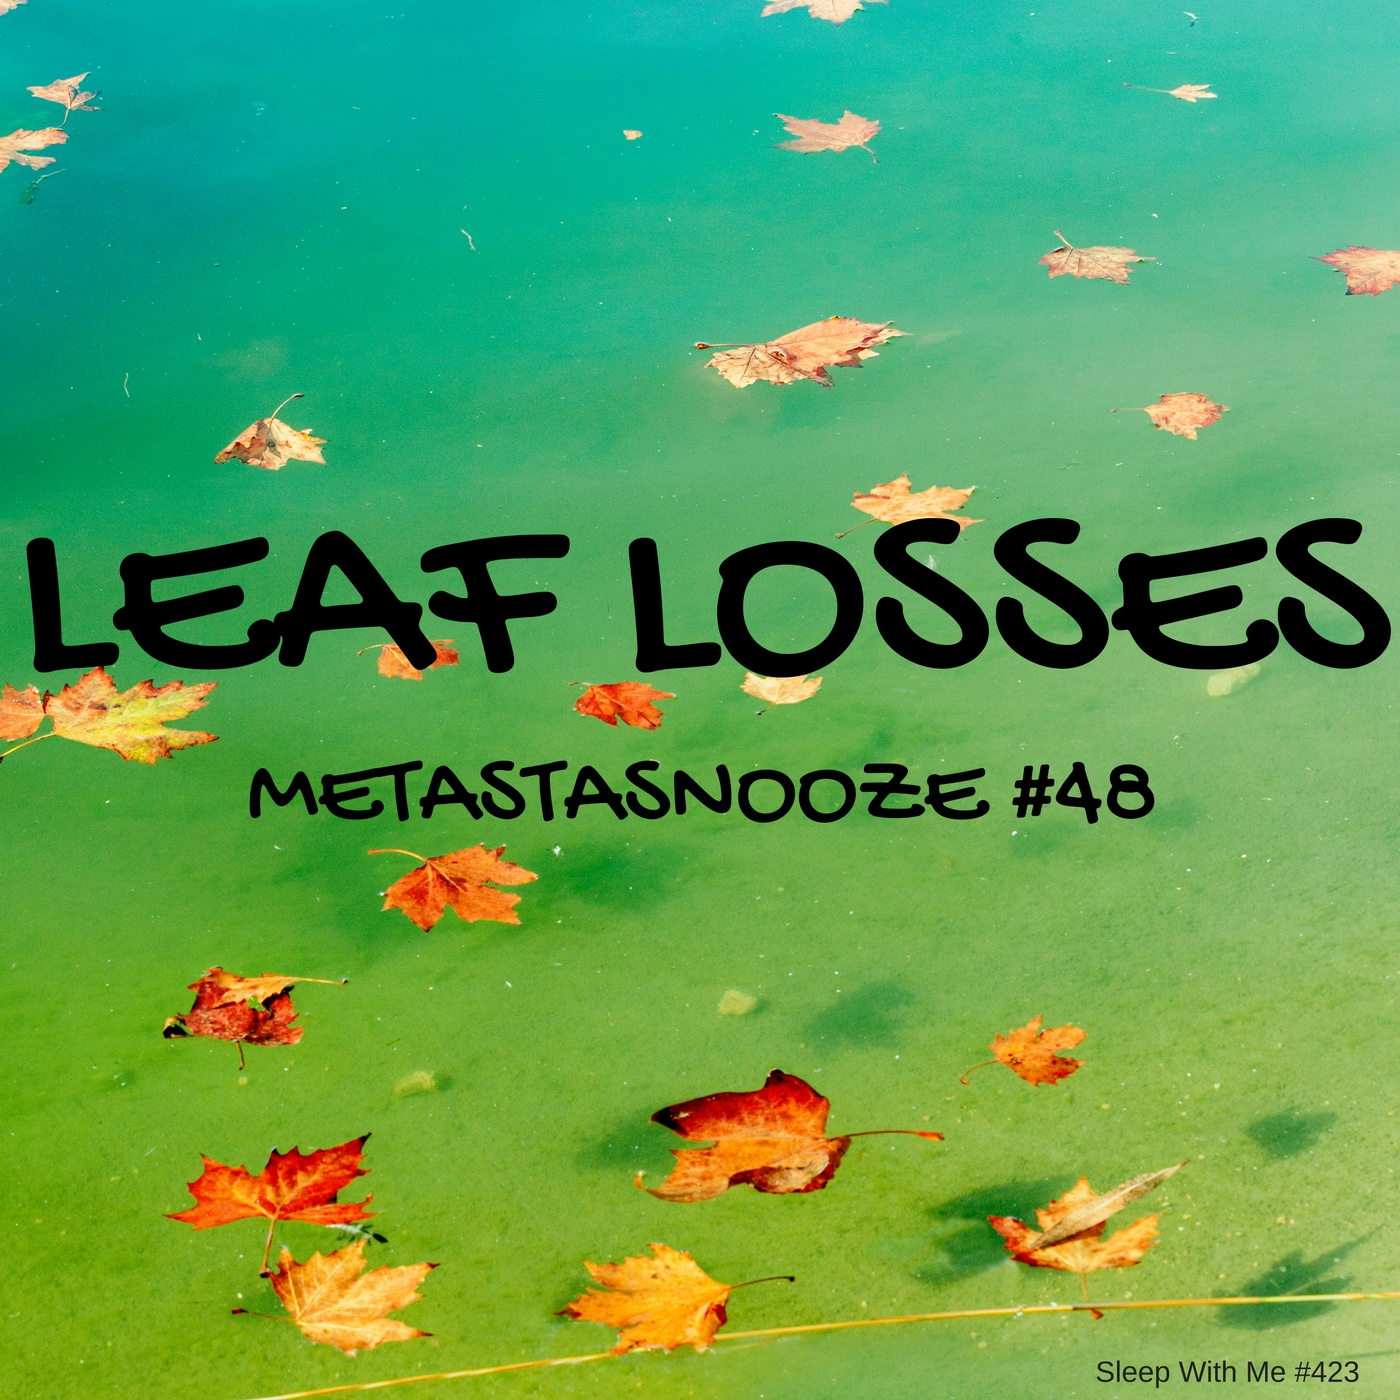 Leaf Losses | Metastasnooze #48 | Sleep With Me #423